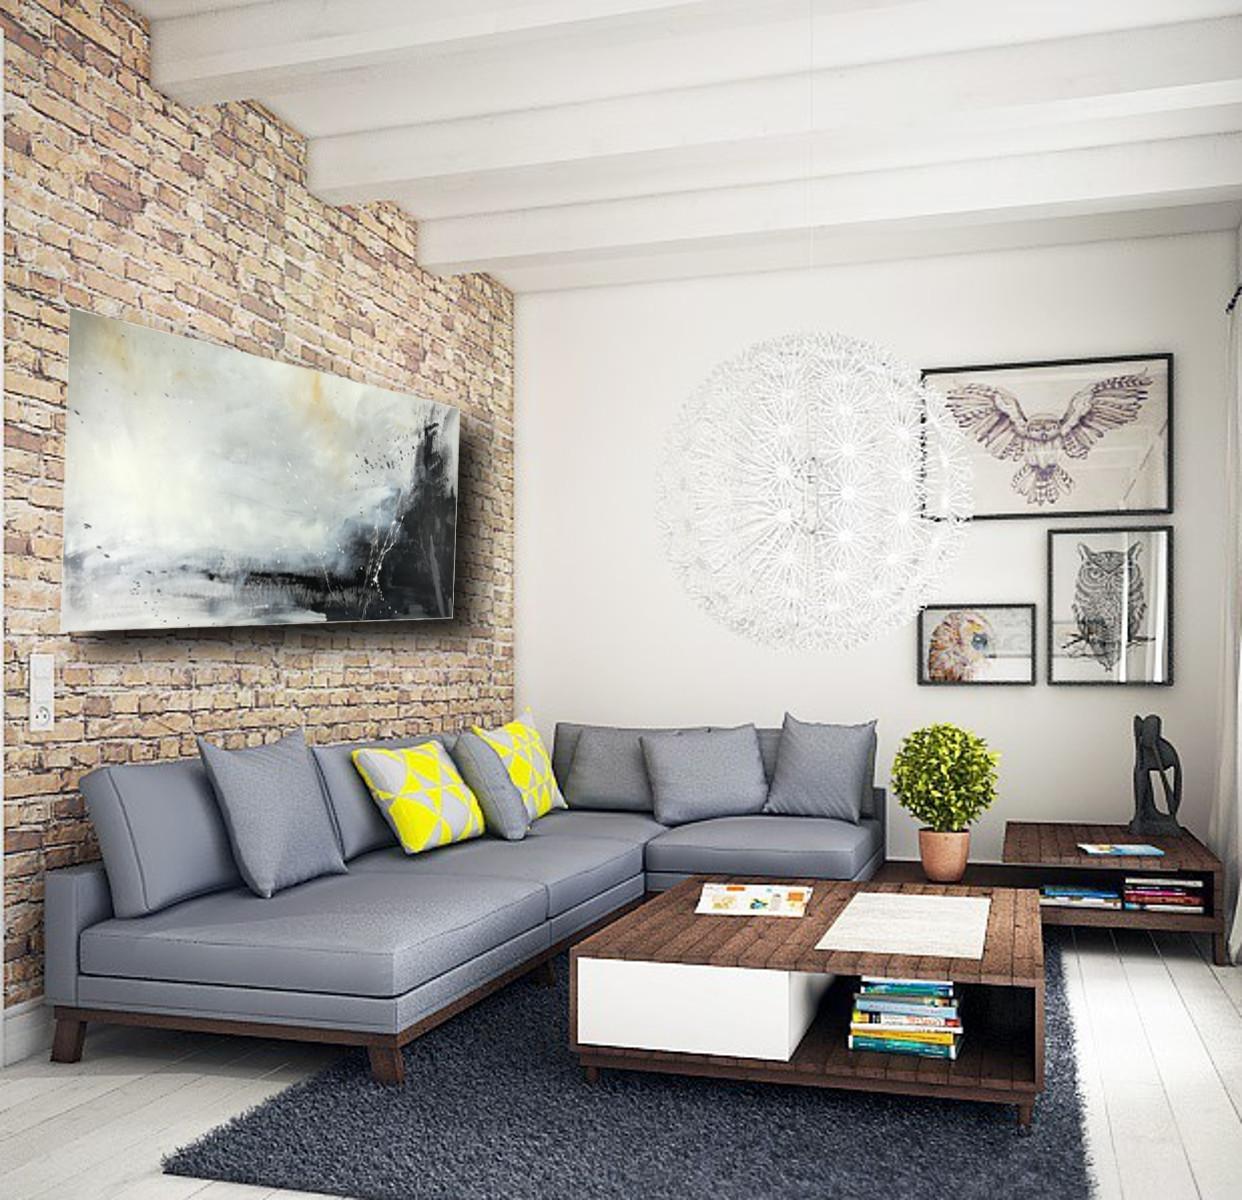 Beautiful quadri soggiorno moderno contemporary idee for Quadri moderni per arredamento soggiorno